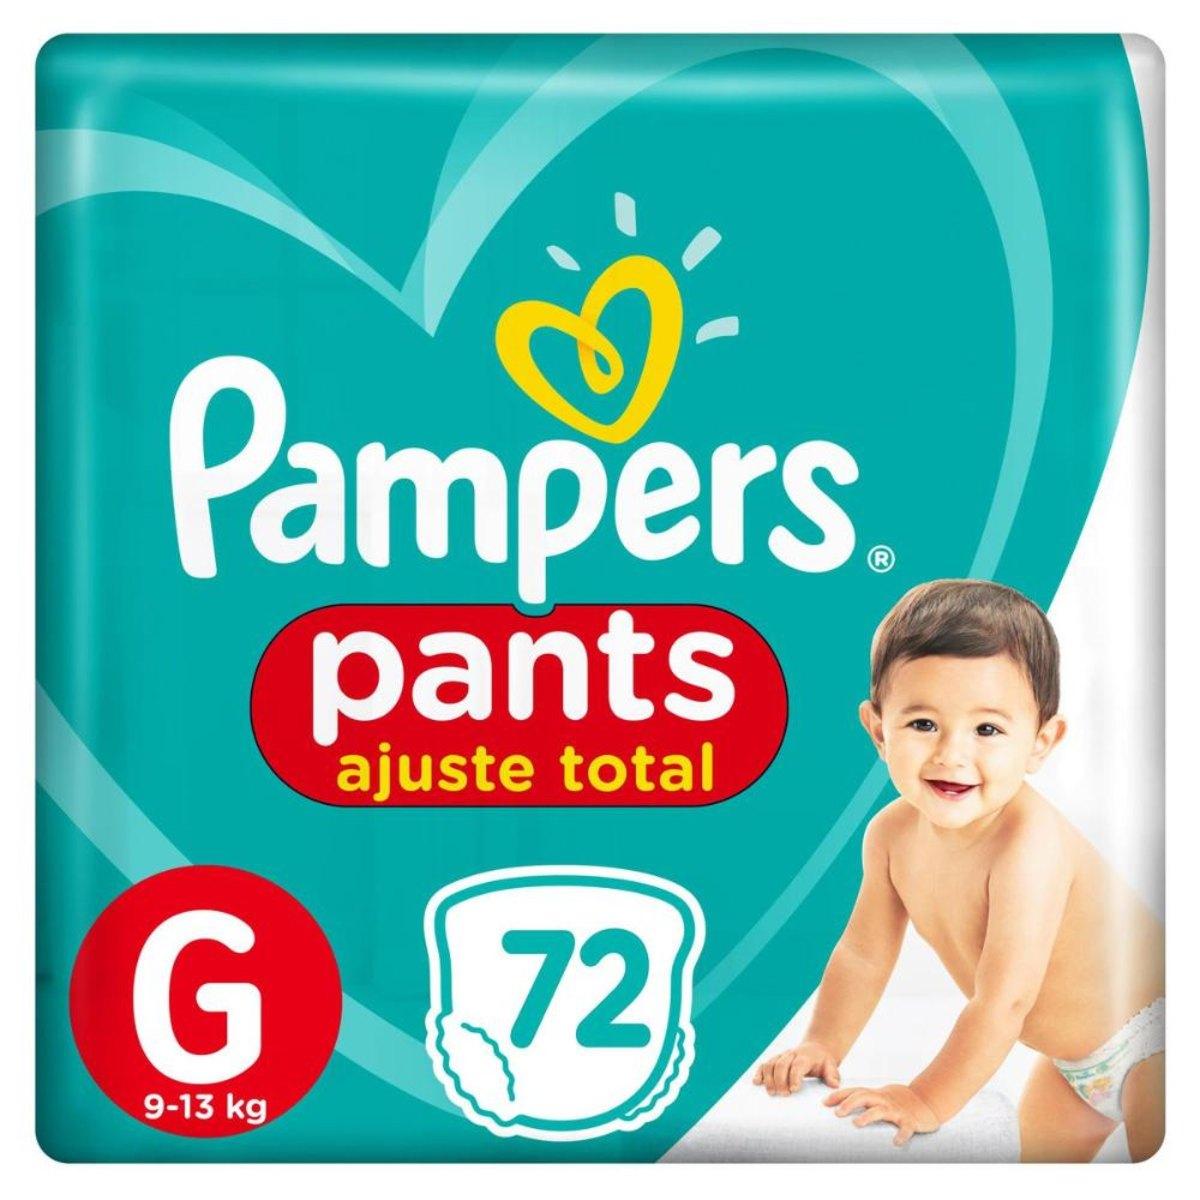 Fralda Pampers Pants Ajuste Total Top Tamanho G 72 Unidades